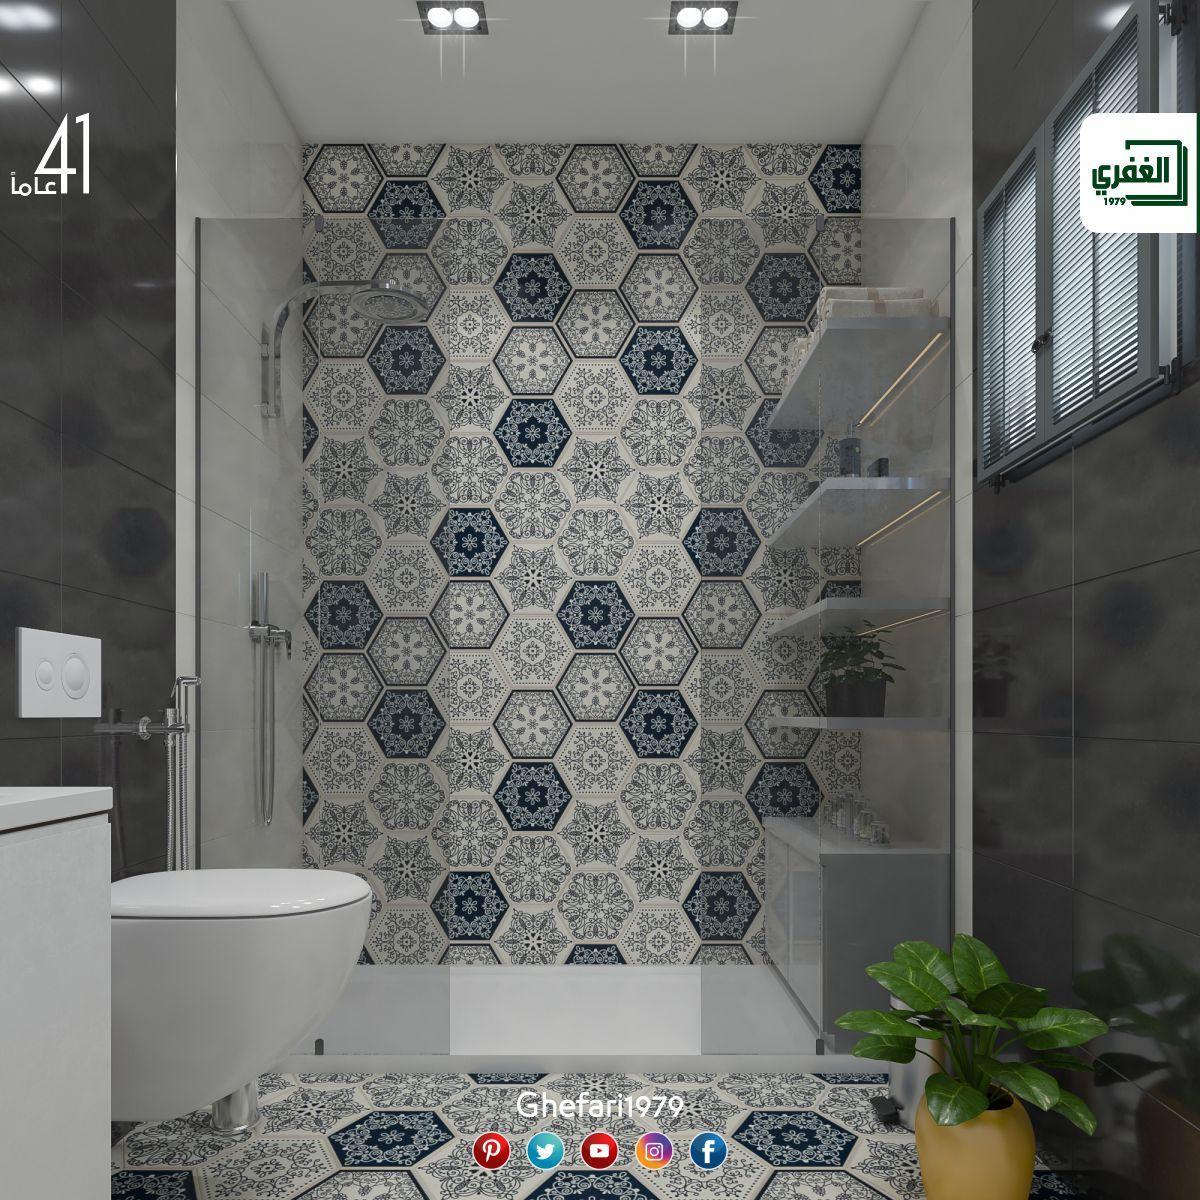 بلاط للاستخدام داخل الحمامات والمطابخ للمزيد زورونا على موقع الشركة Https Www Ghefari Com Ar Genova Https Www Ghefa Printed Shower Curtain Shower Curtains